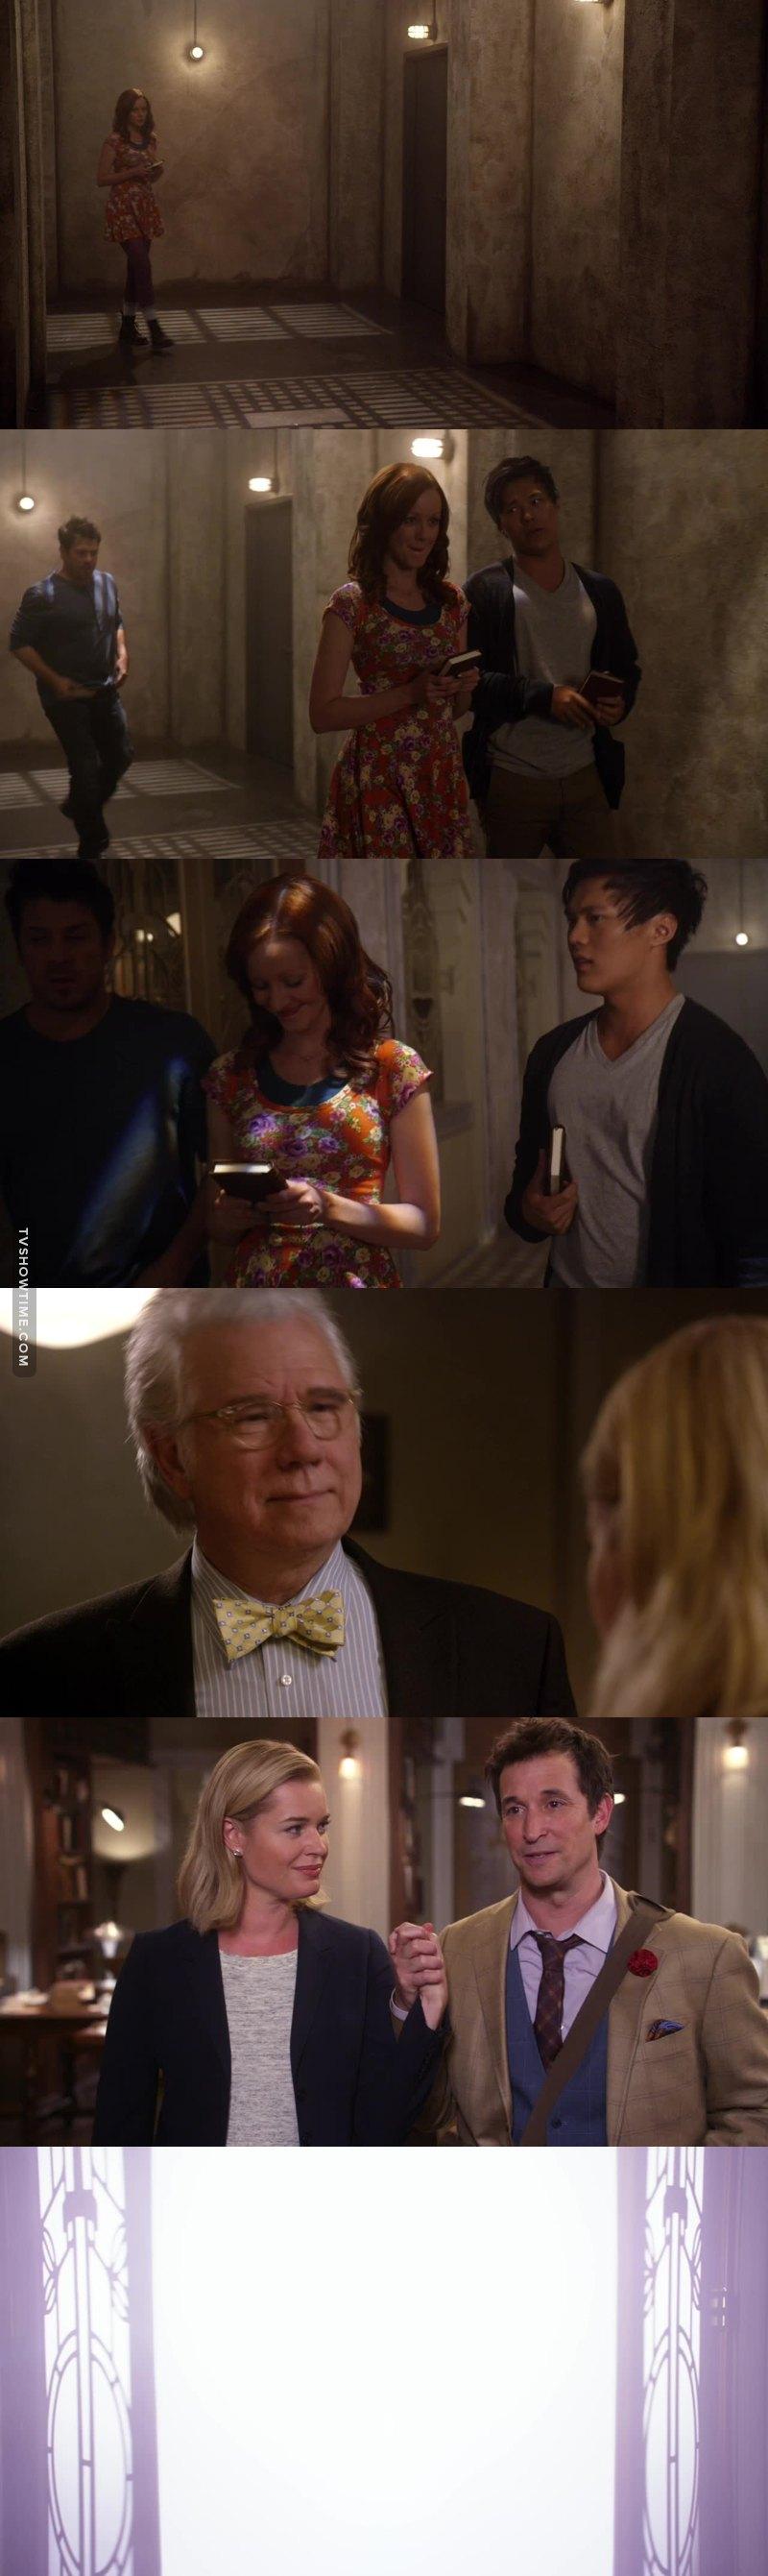 Questo episodio è stato un finale di stagione perfetto, ricco di colpi di scena e di tensione, l'ho adorato! Non vedo l'ora di vedere la prossima stagione *^*